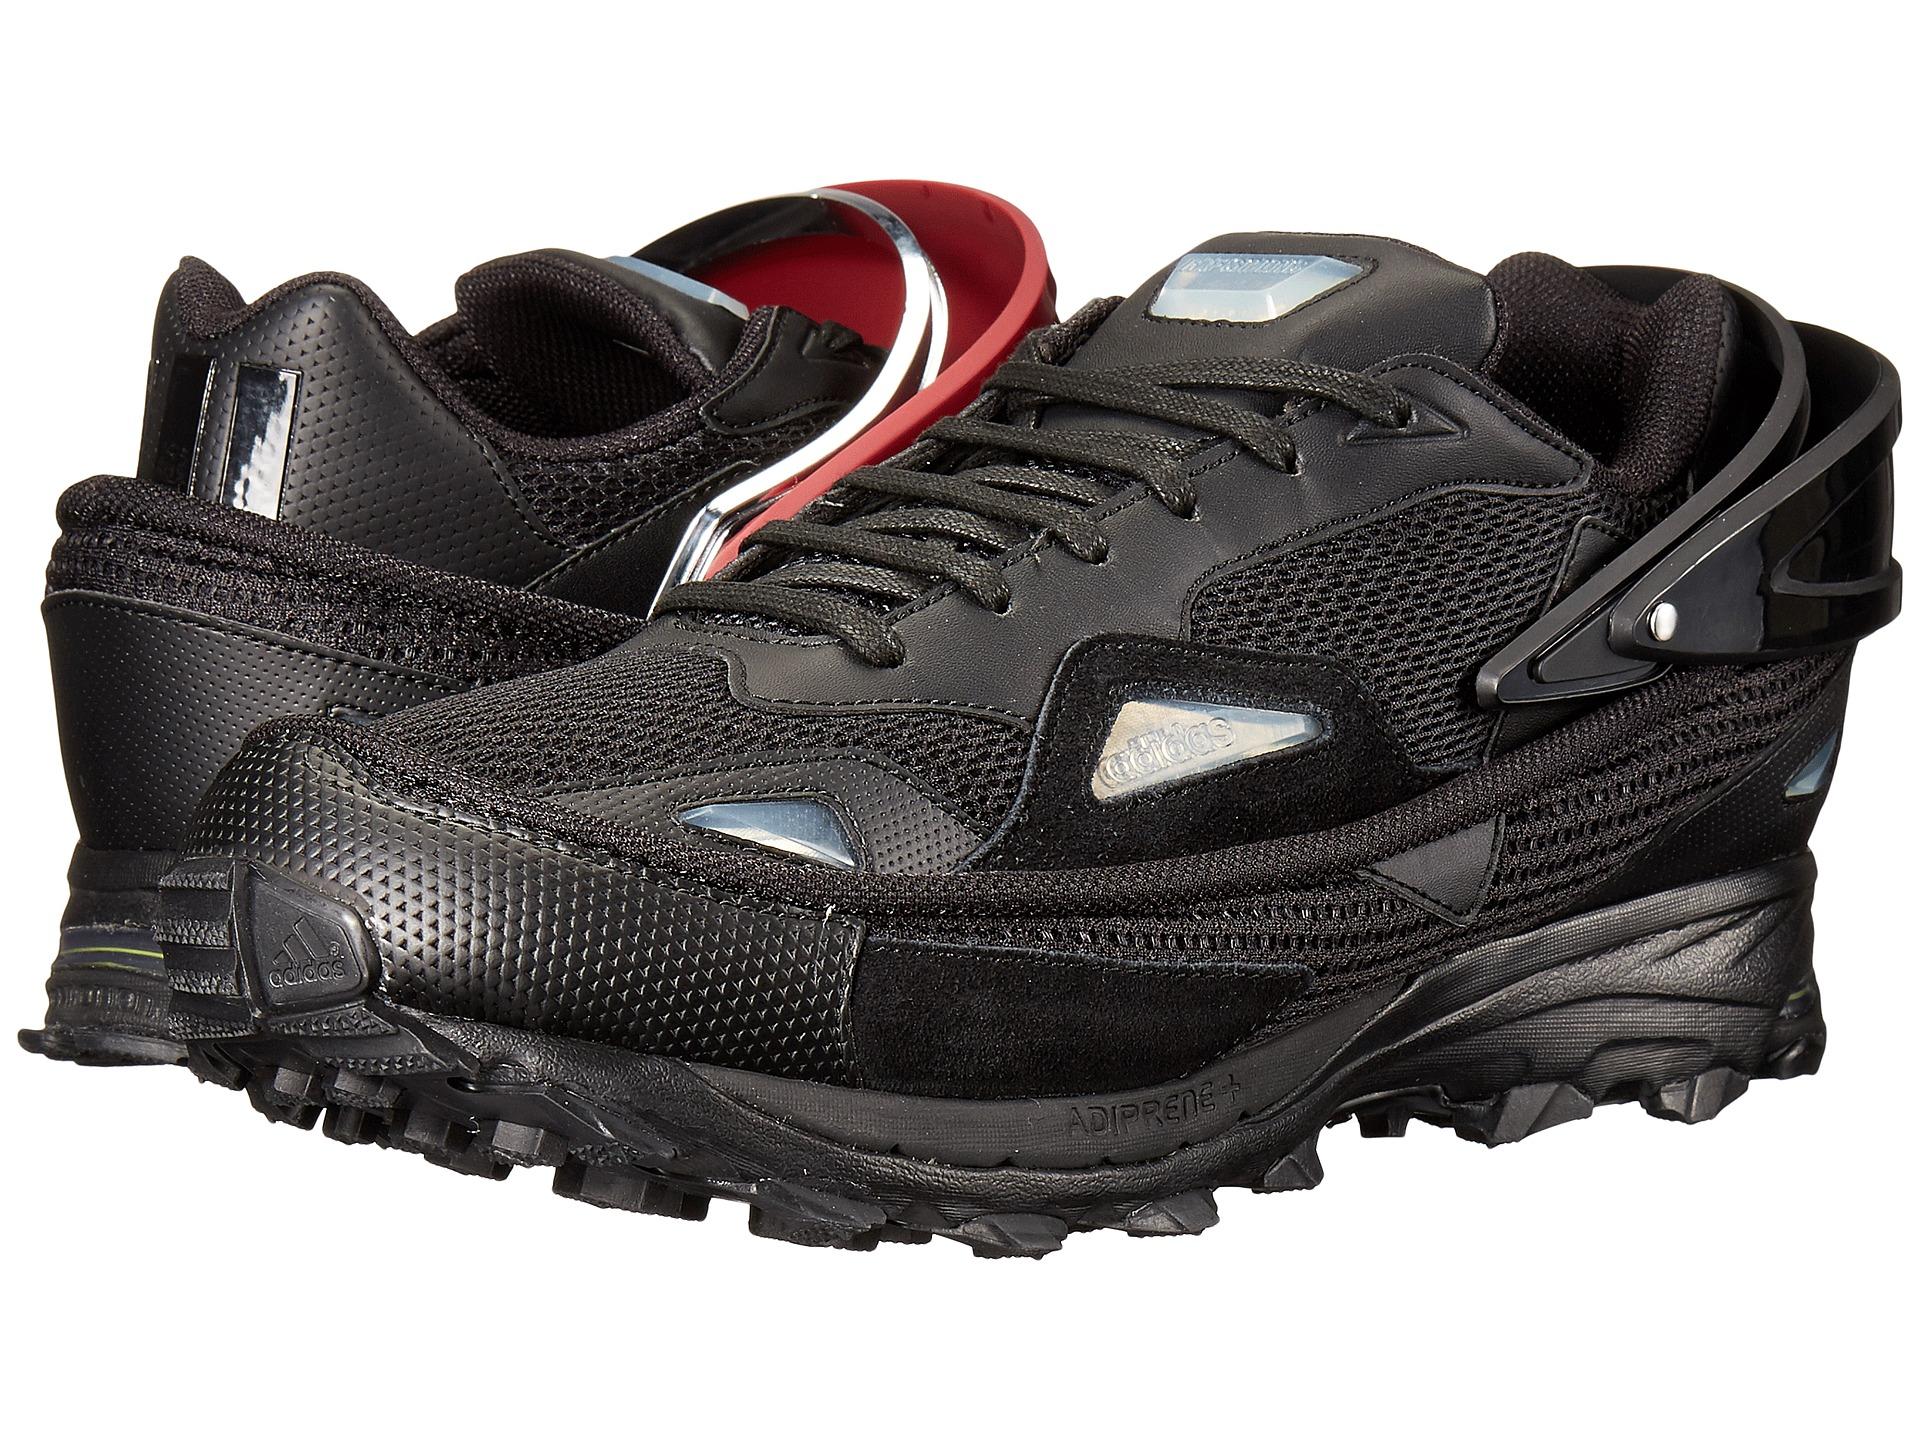 adidas by Raf Simons Raf Simons Response Trail 2 at 6pm.com